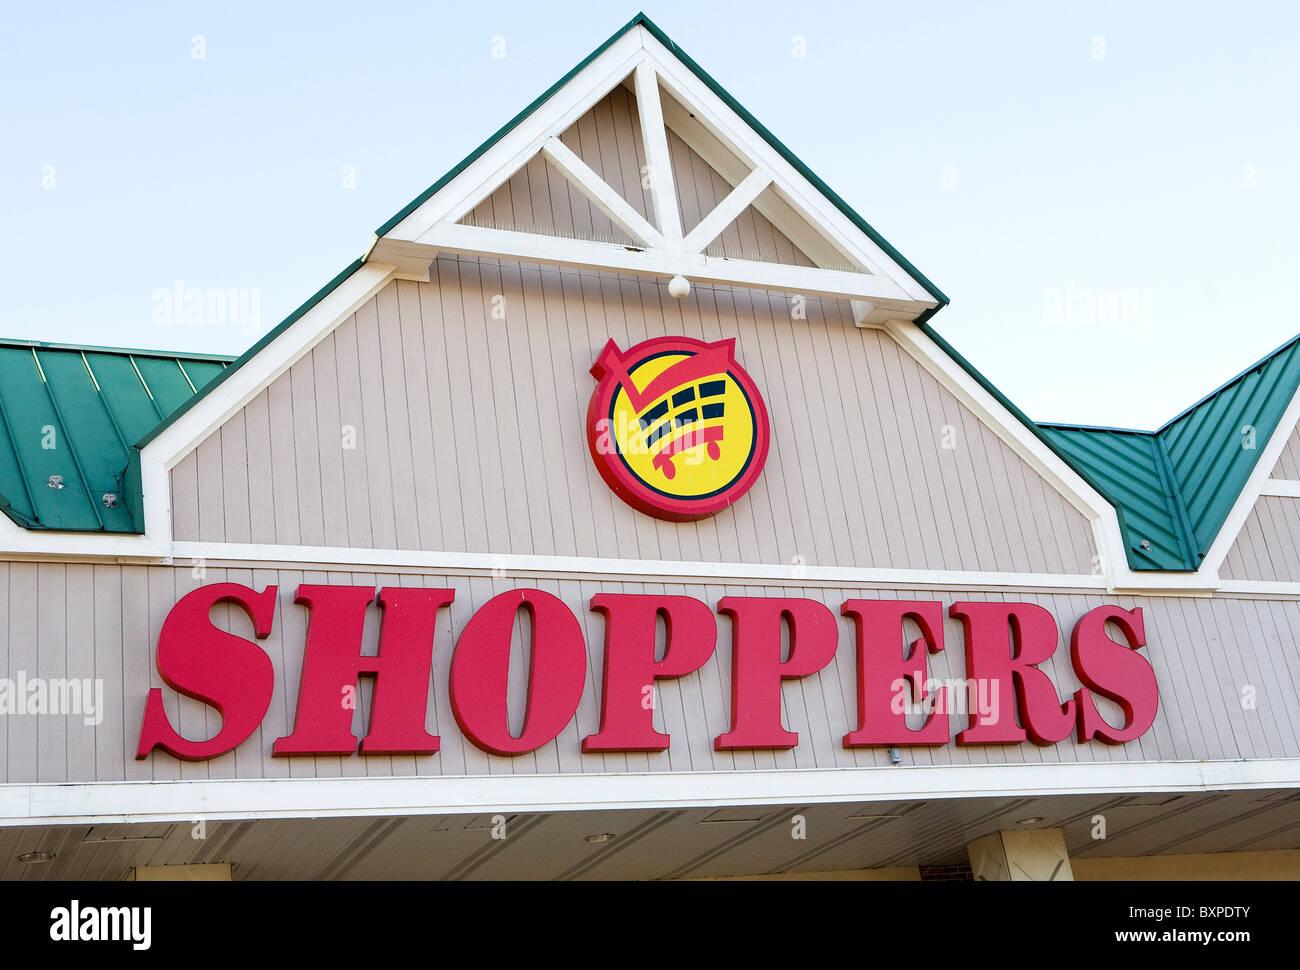 Ein Shopper-Lebensmittelgeschäft. Stockbild